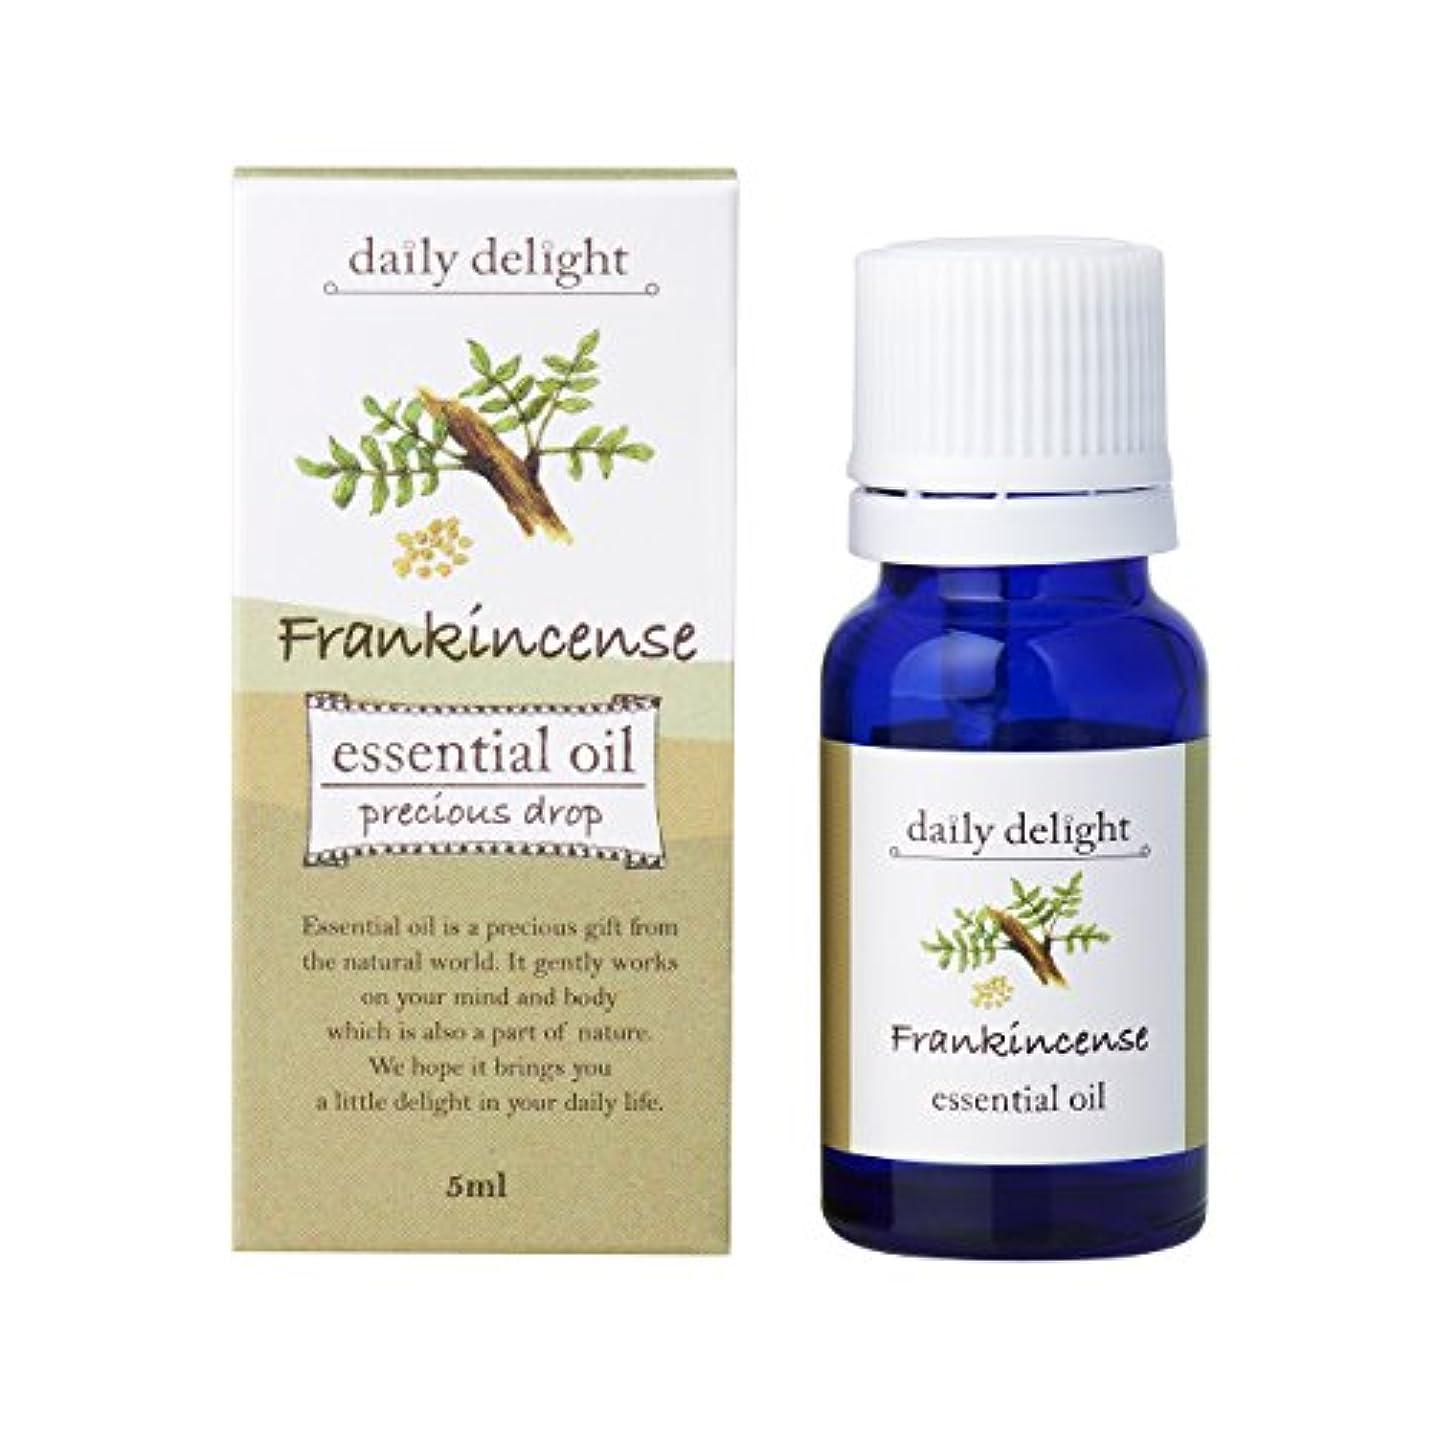 主張する閉塞ヘルパーデイリーディライト エッセンシャルオイル フランキンセンス 5ml(天然100% 精油 アロマ 樹脂系 樹脂から採れるさわやかな木の香り)